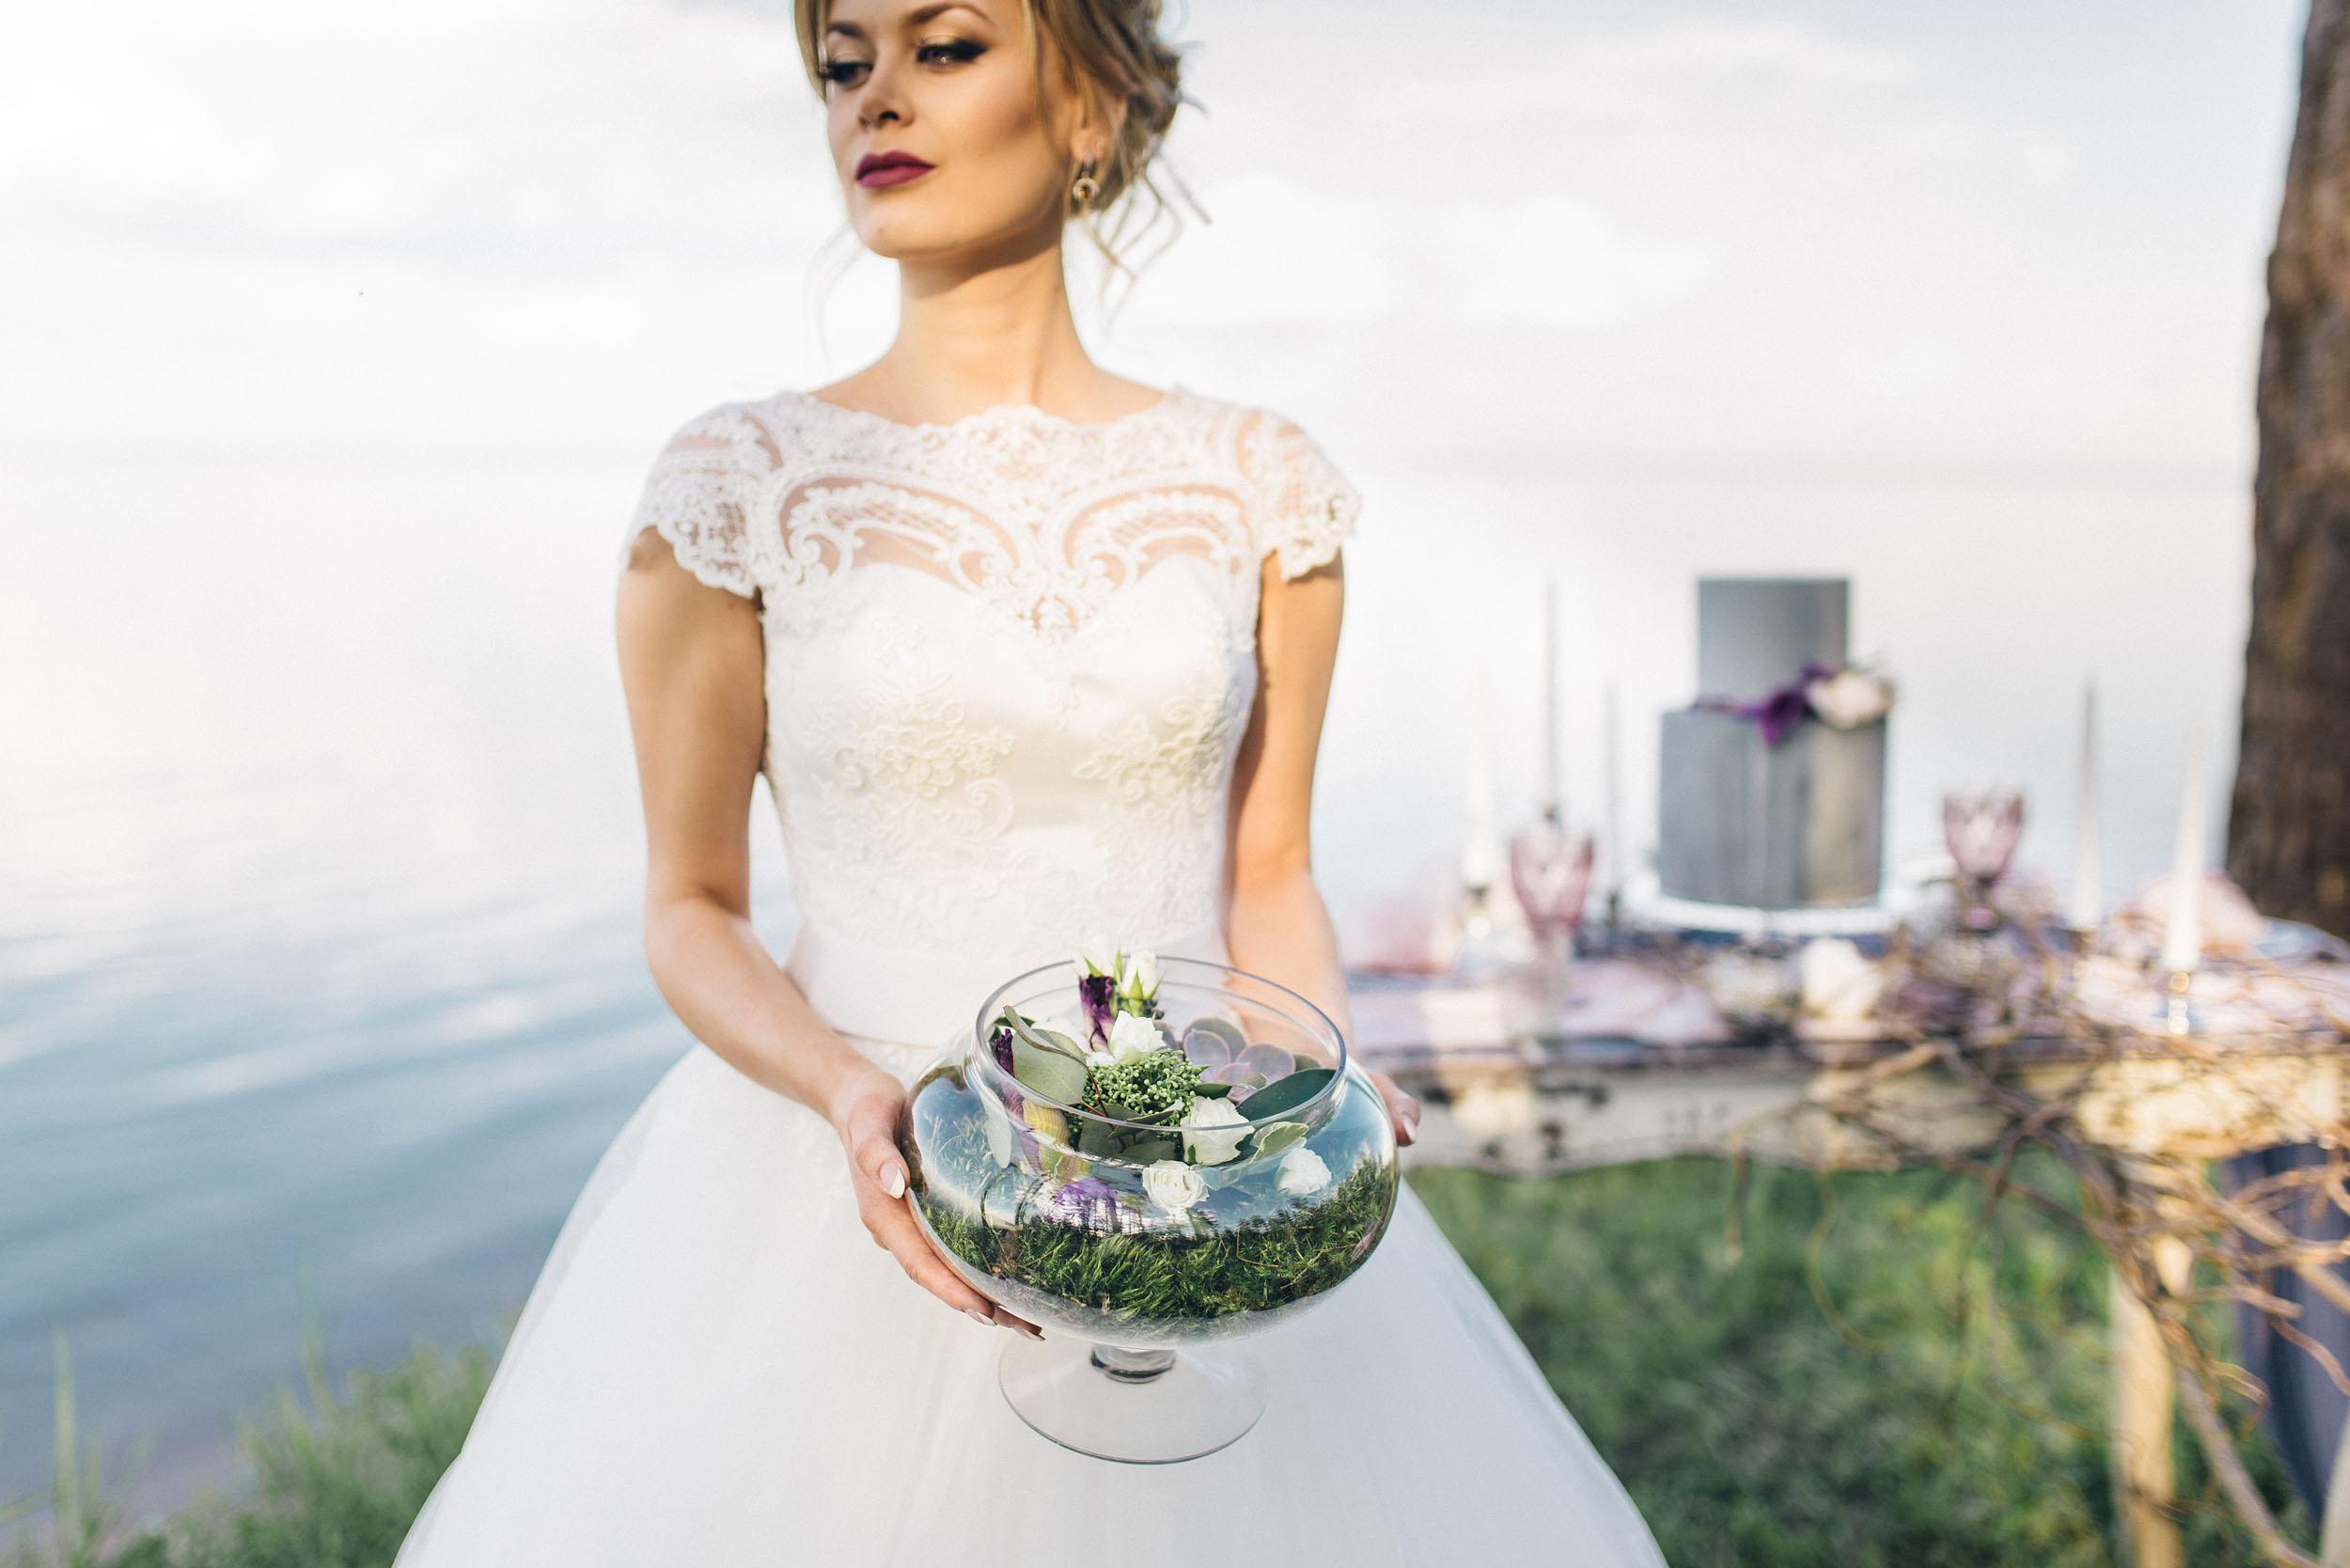 невеста и флорариум, фотосессия